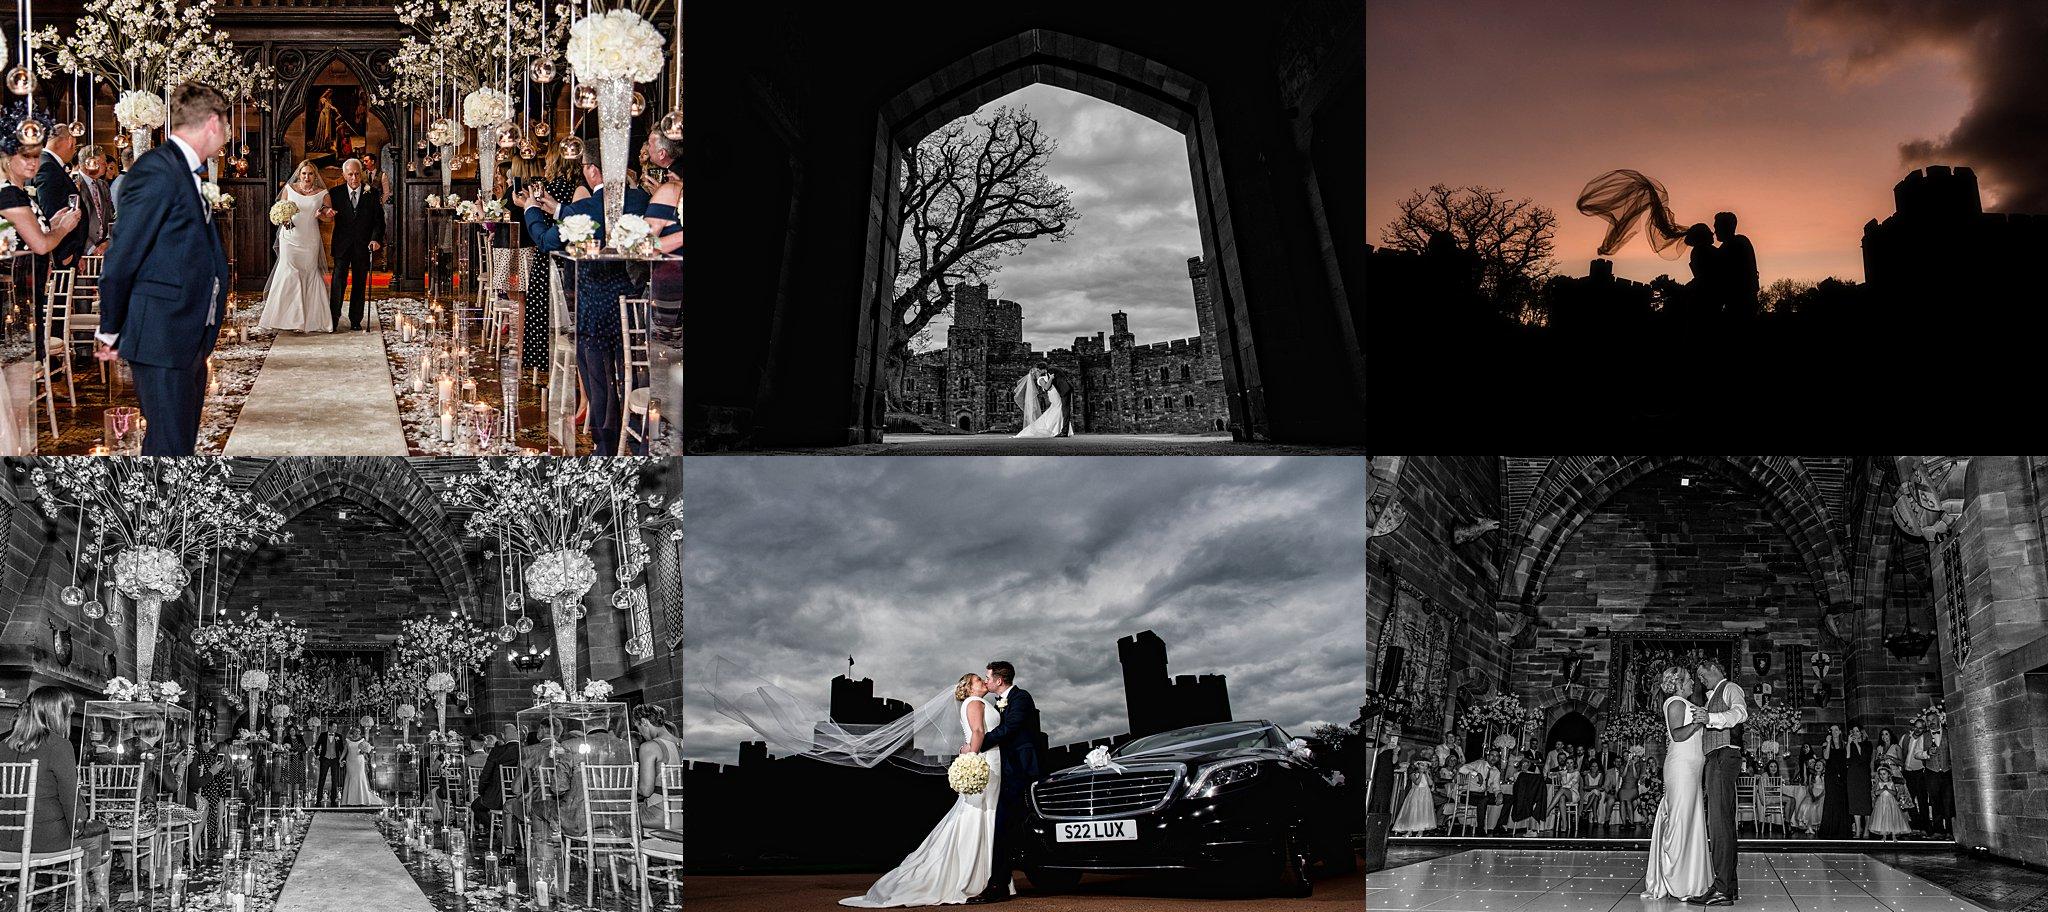 Wedding photograph at Peckforton Castle